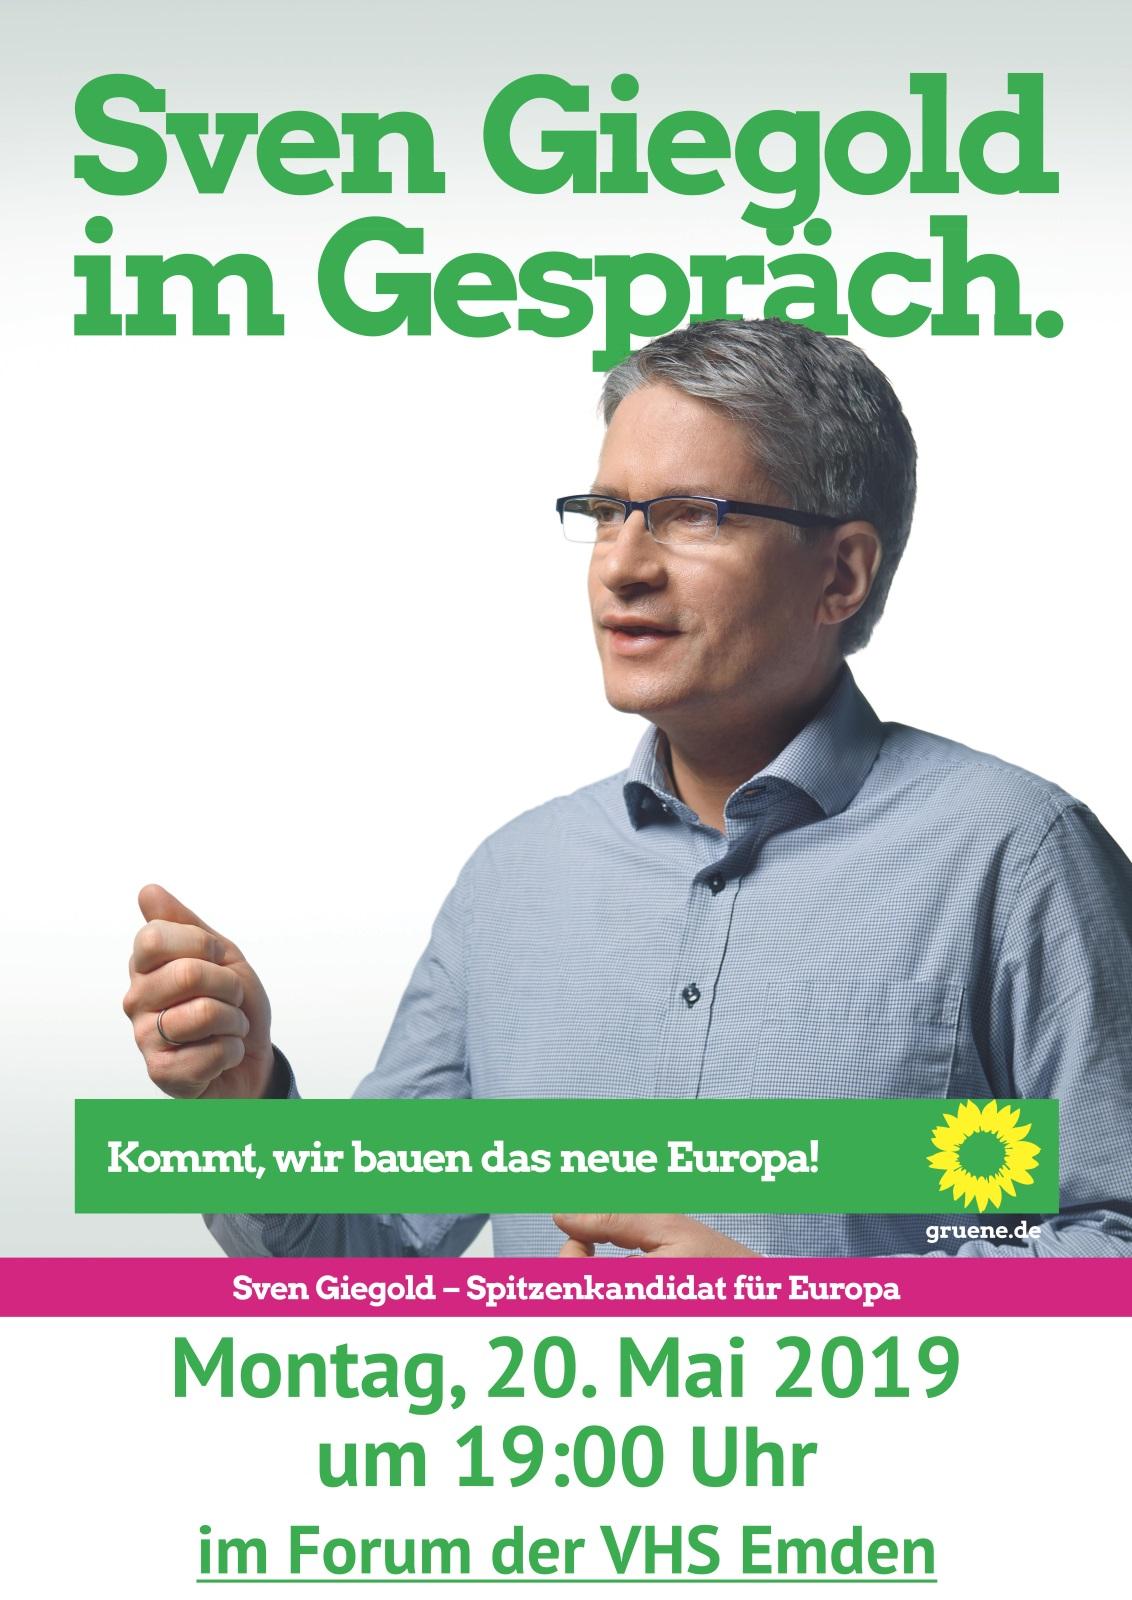 Sven Giegold im Gespräch Montag, 20. Mai 2019 um 19:00 Uhr im VHS-Forum